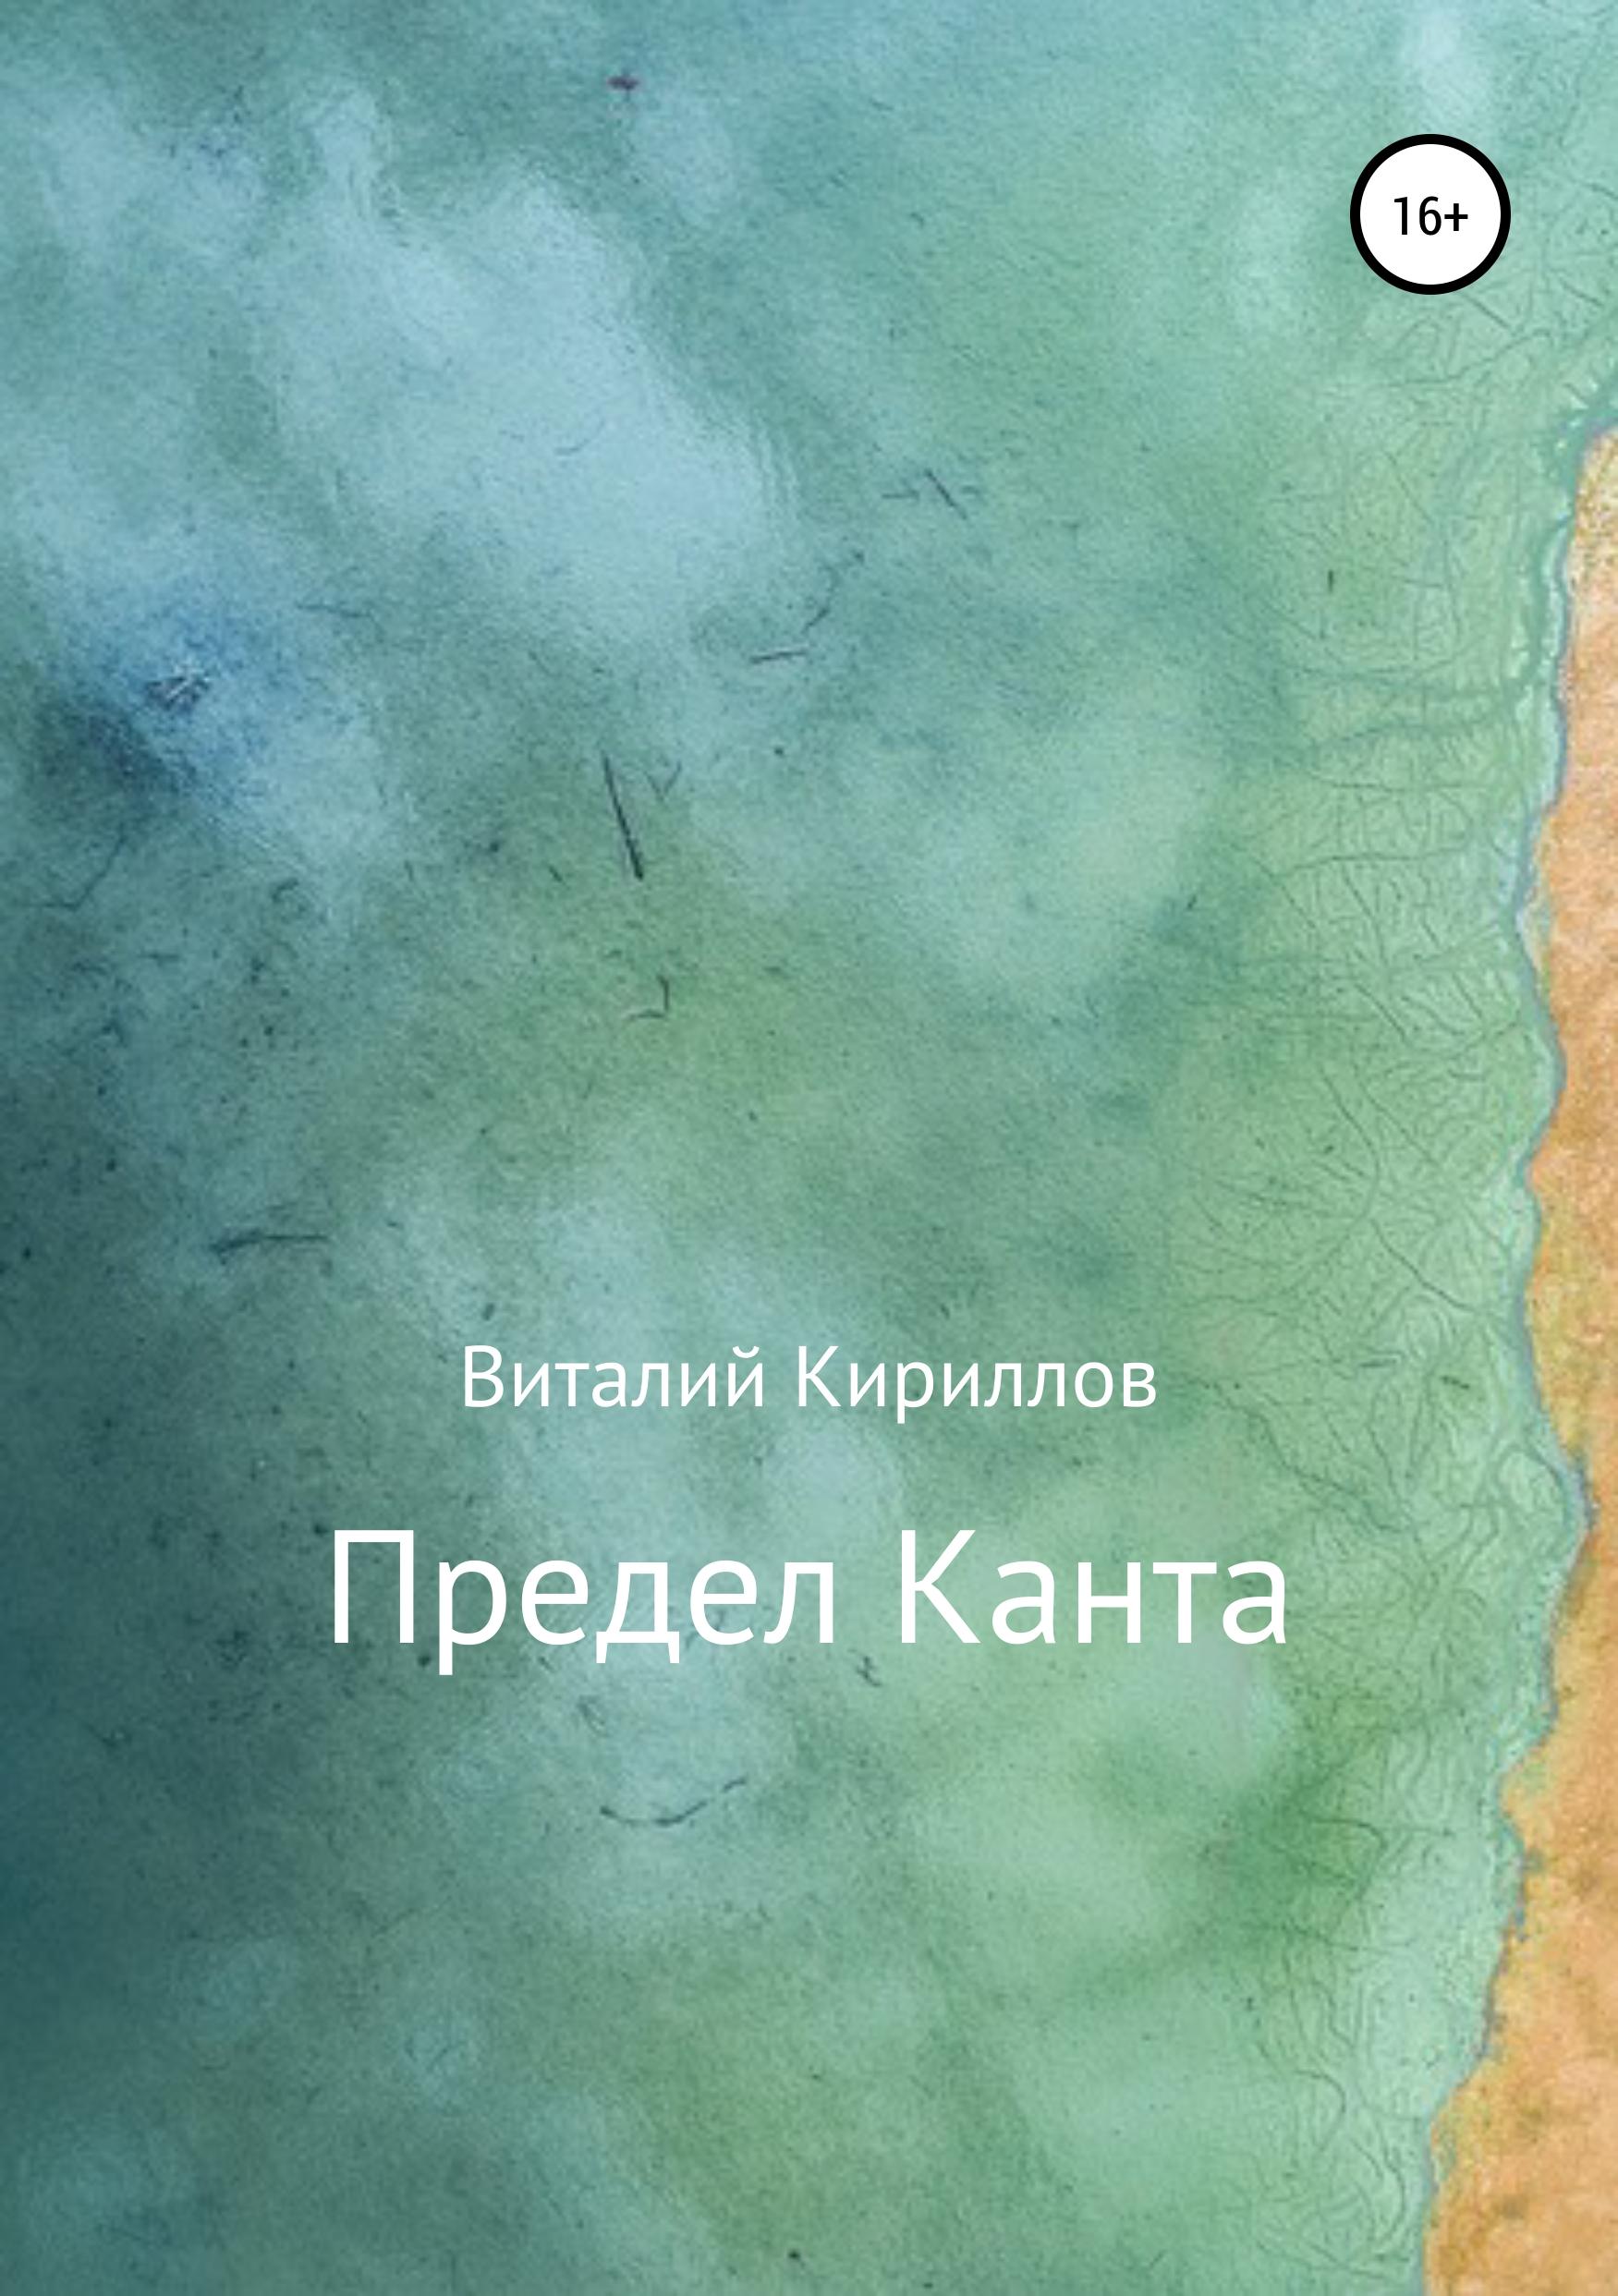 Виталий Александрович Кириллов Предел Канта вытяни иона и большая рыба история о человеке который хотел убежать от бога